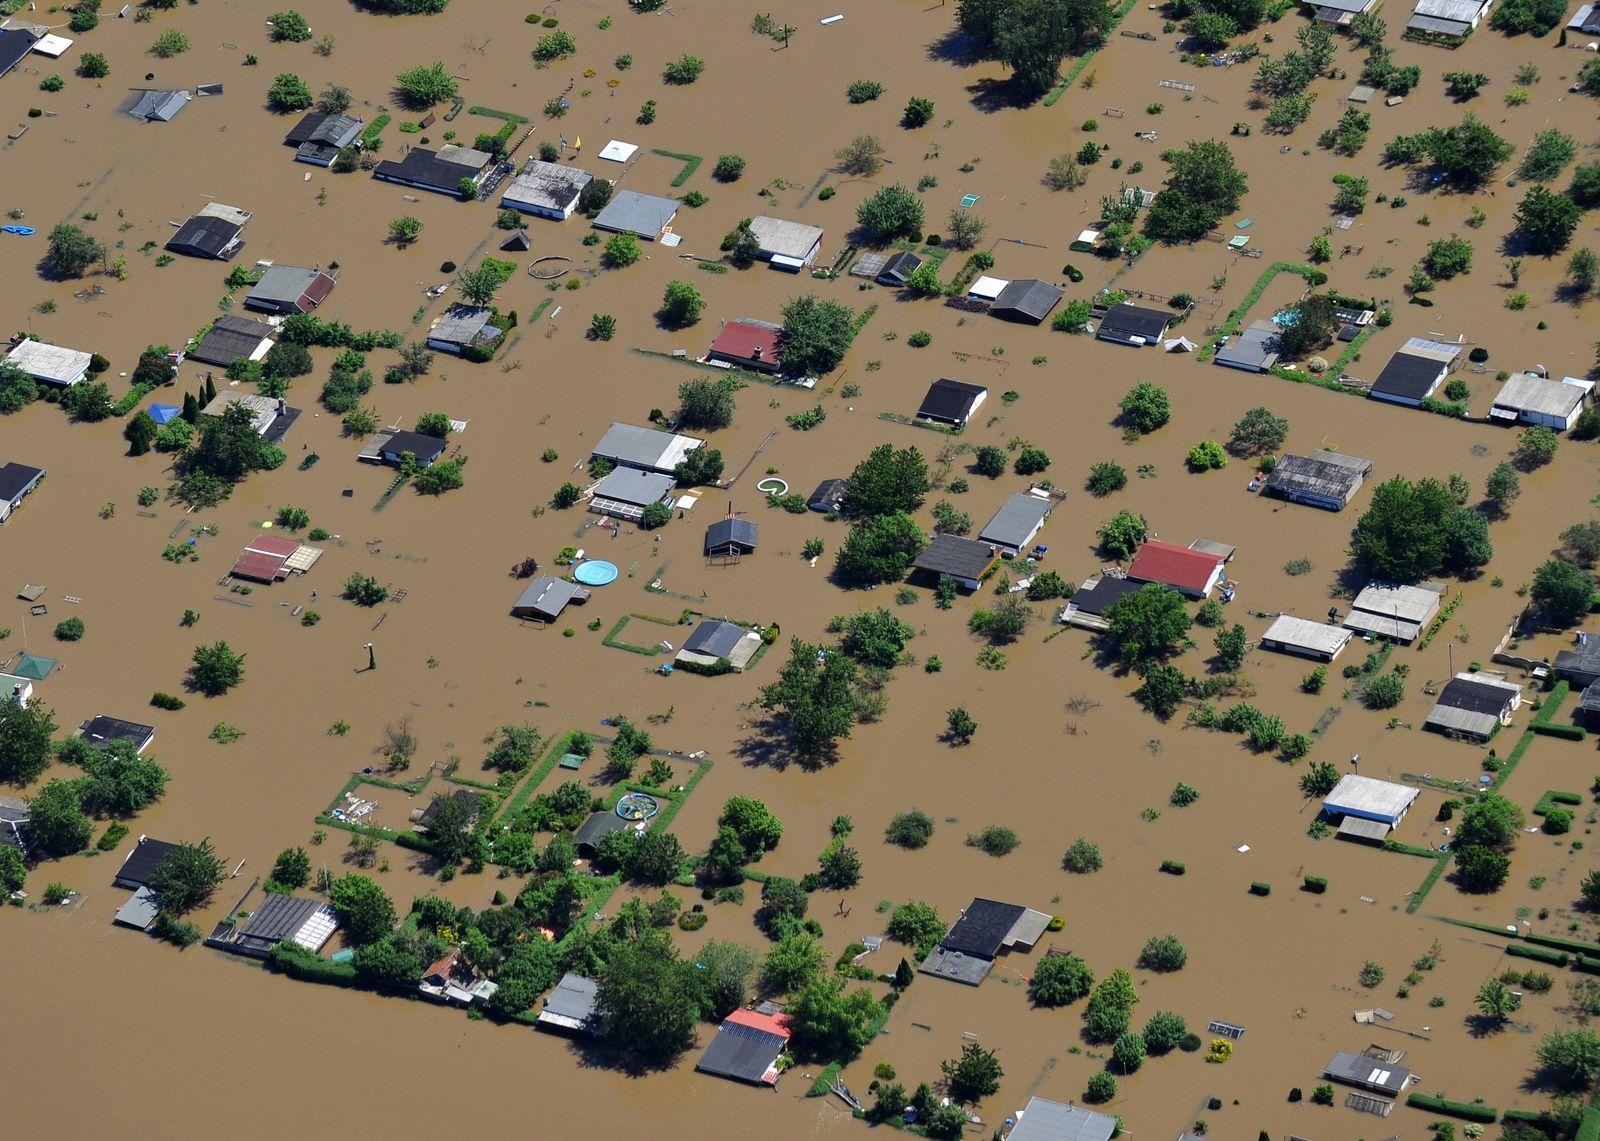 Hochwasser in Sachsen-Anhalt - Halle/Saale